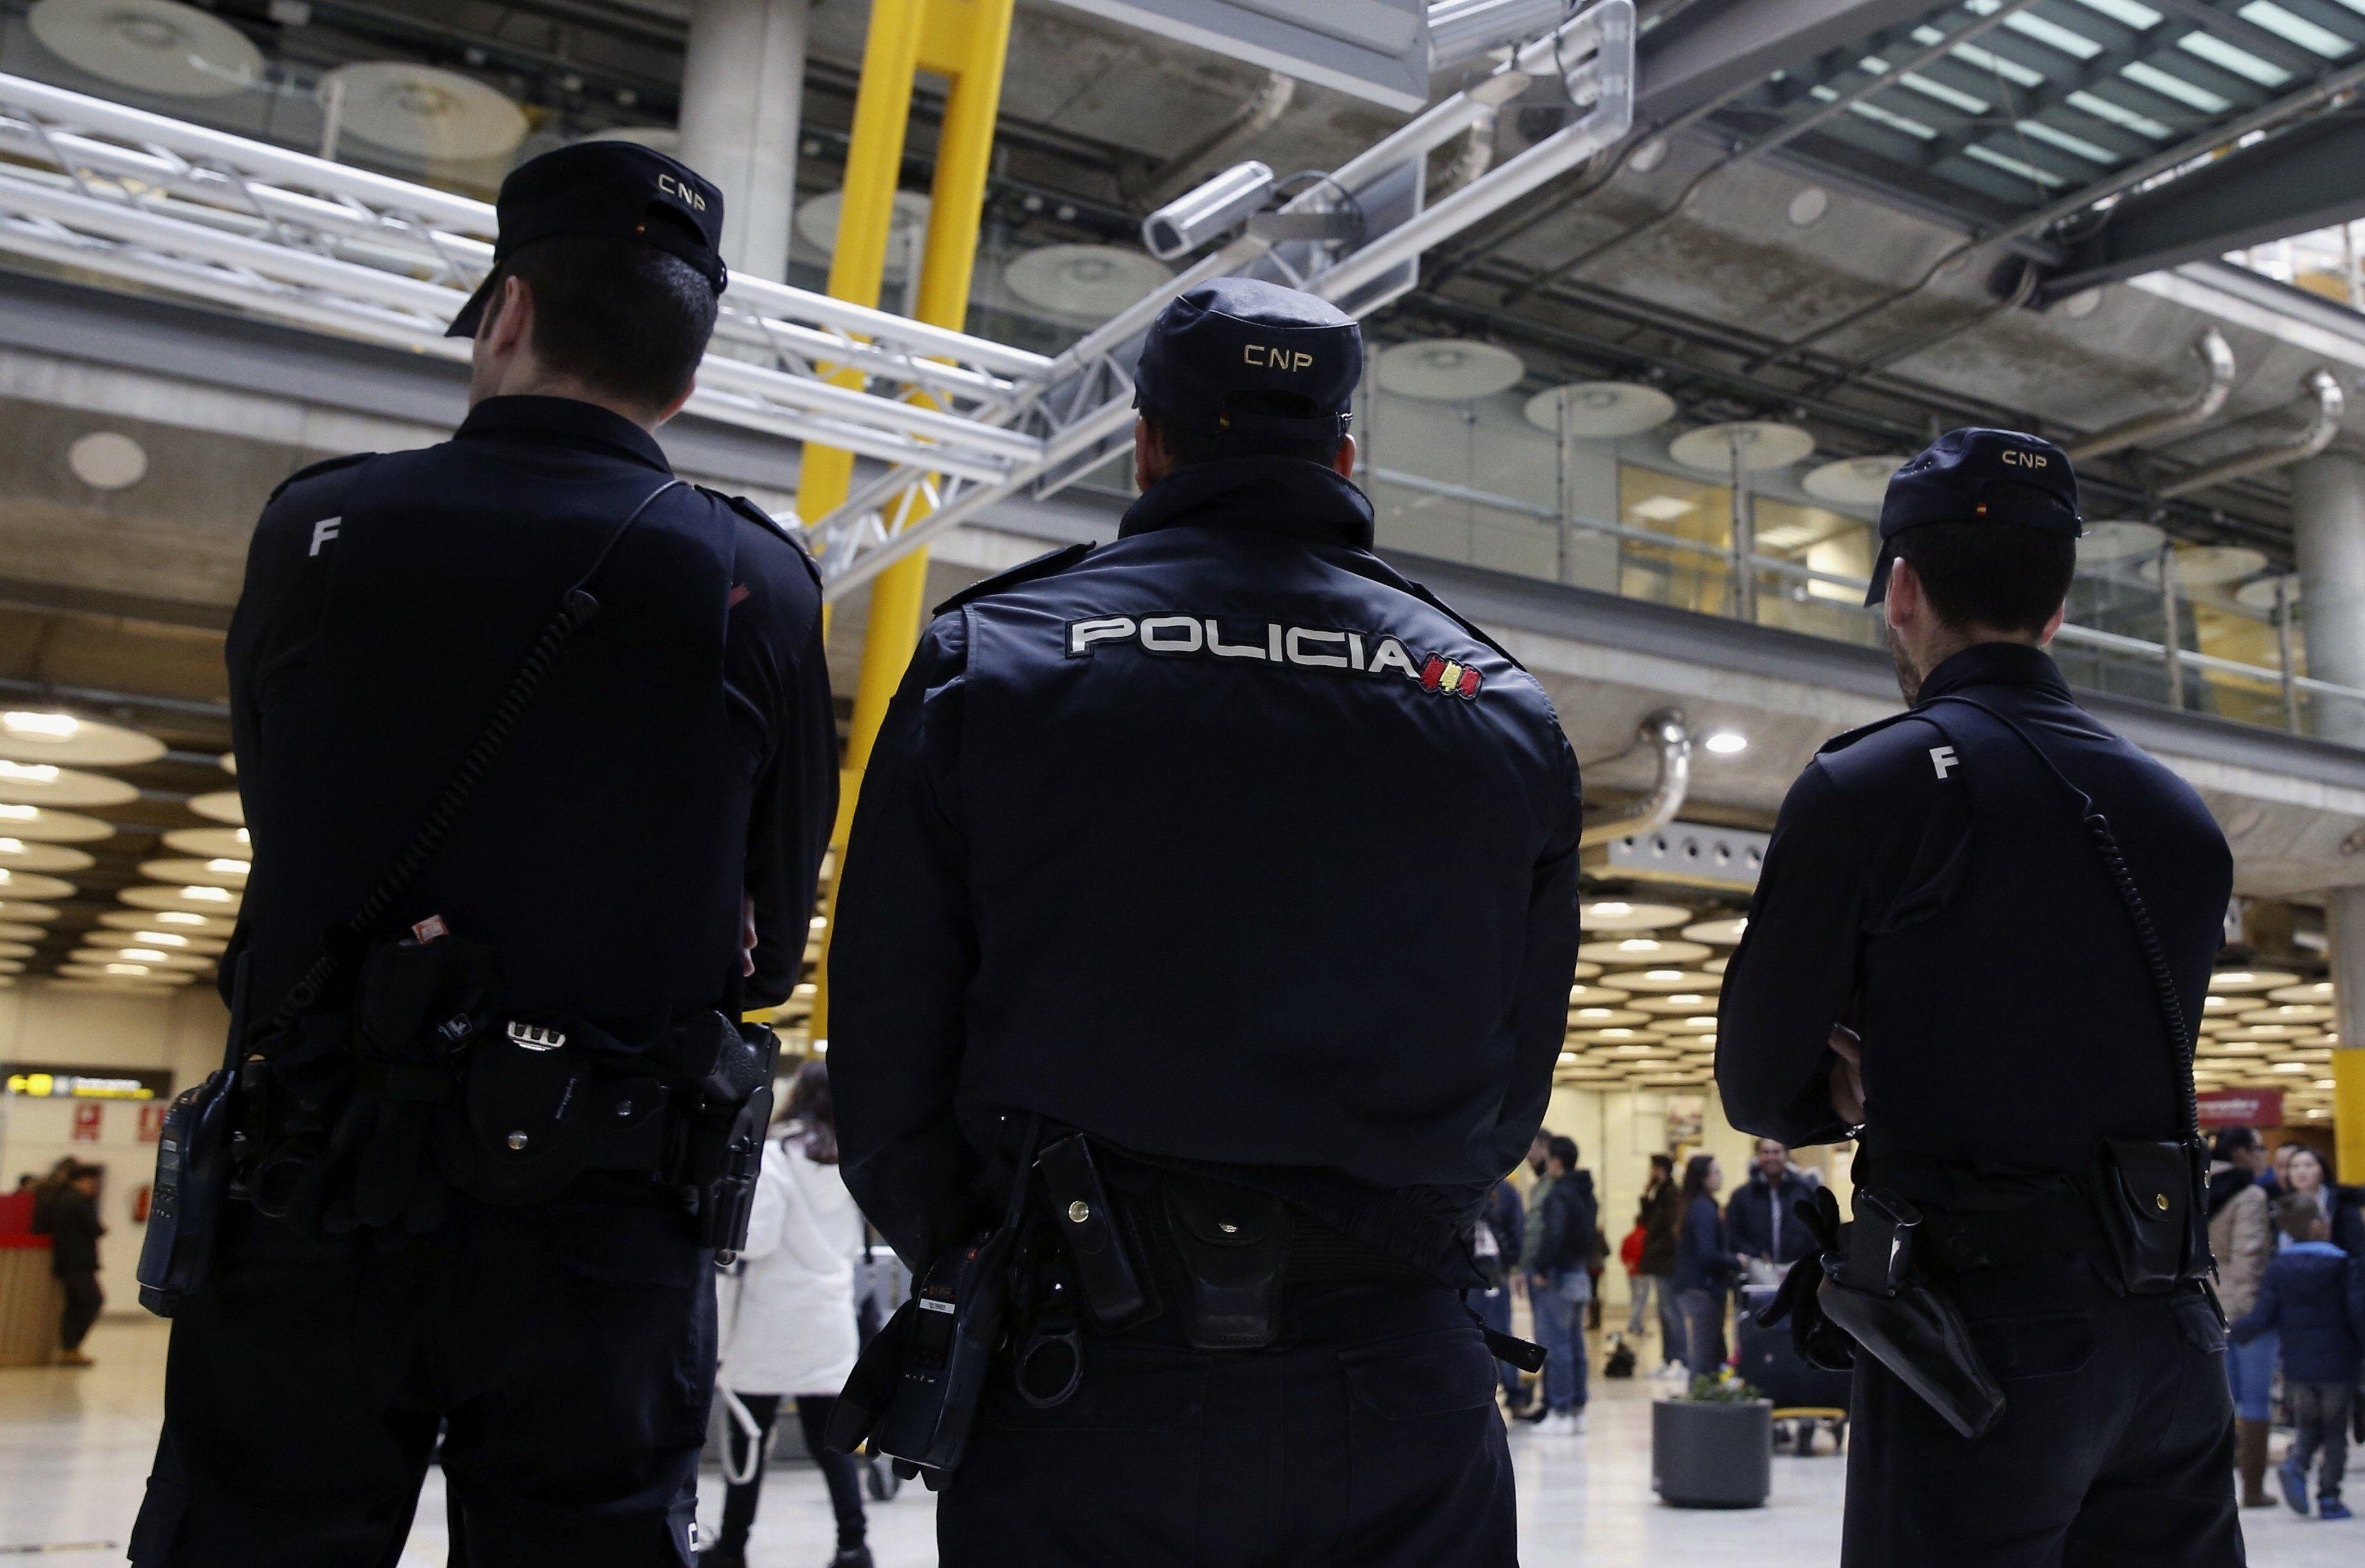 La policía belga busca a dos sospechosos huidos a88f0a29ca1